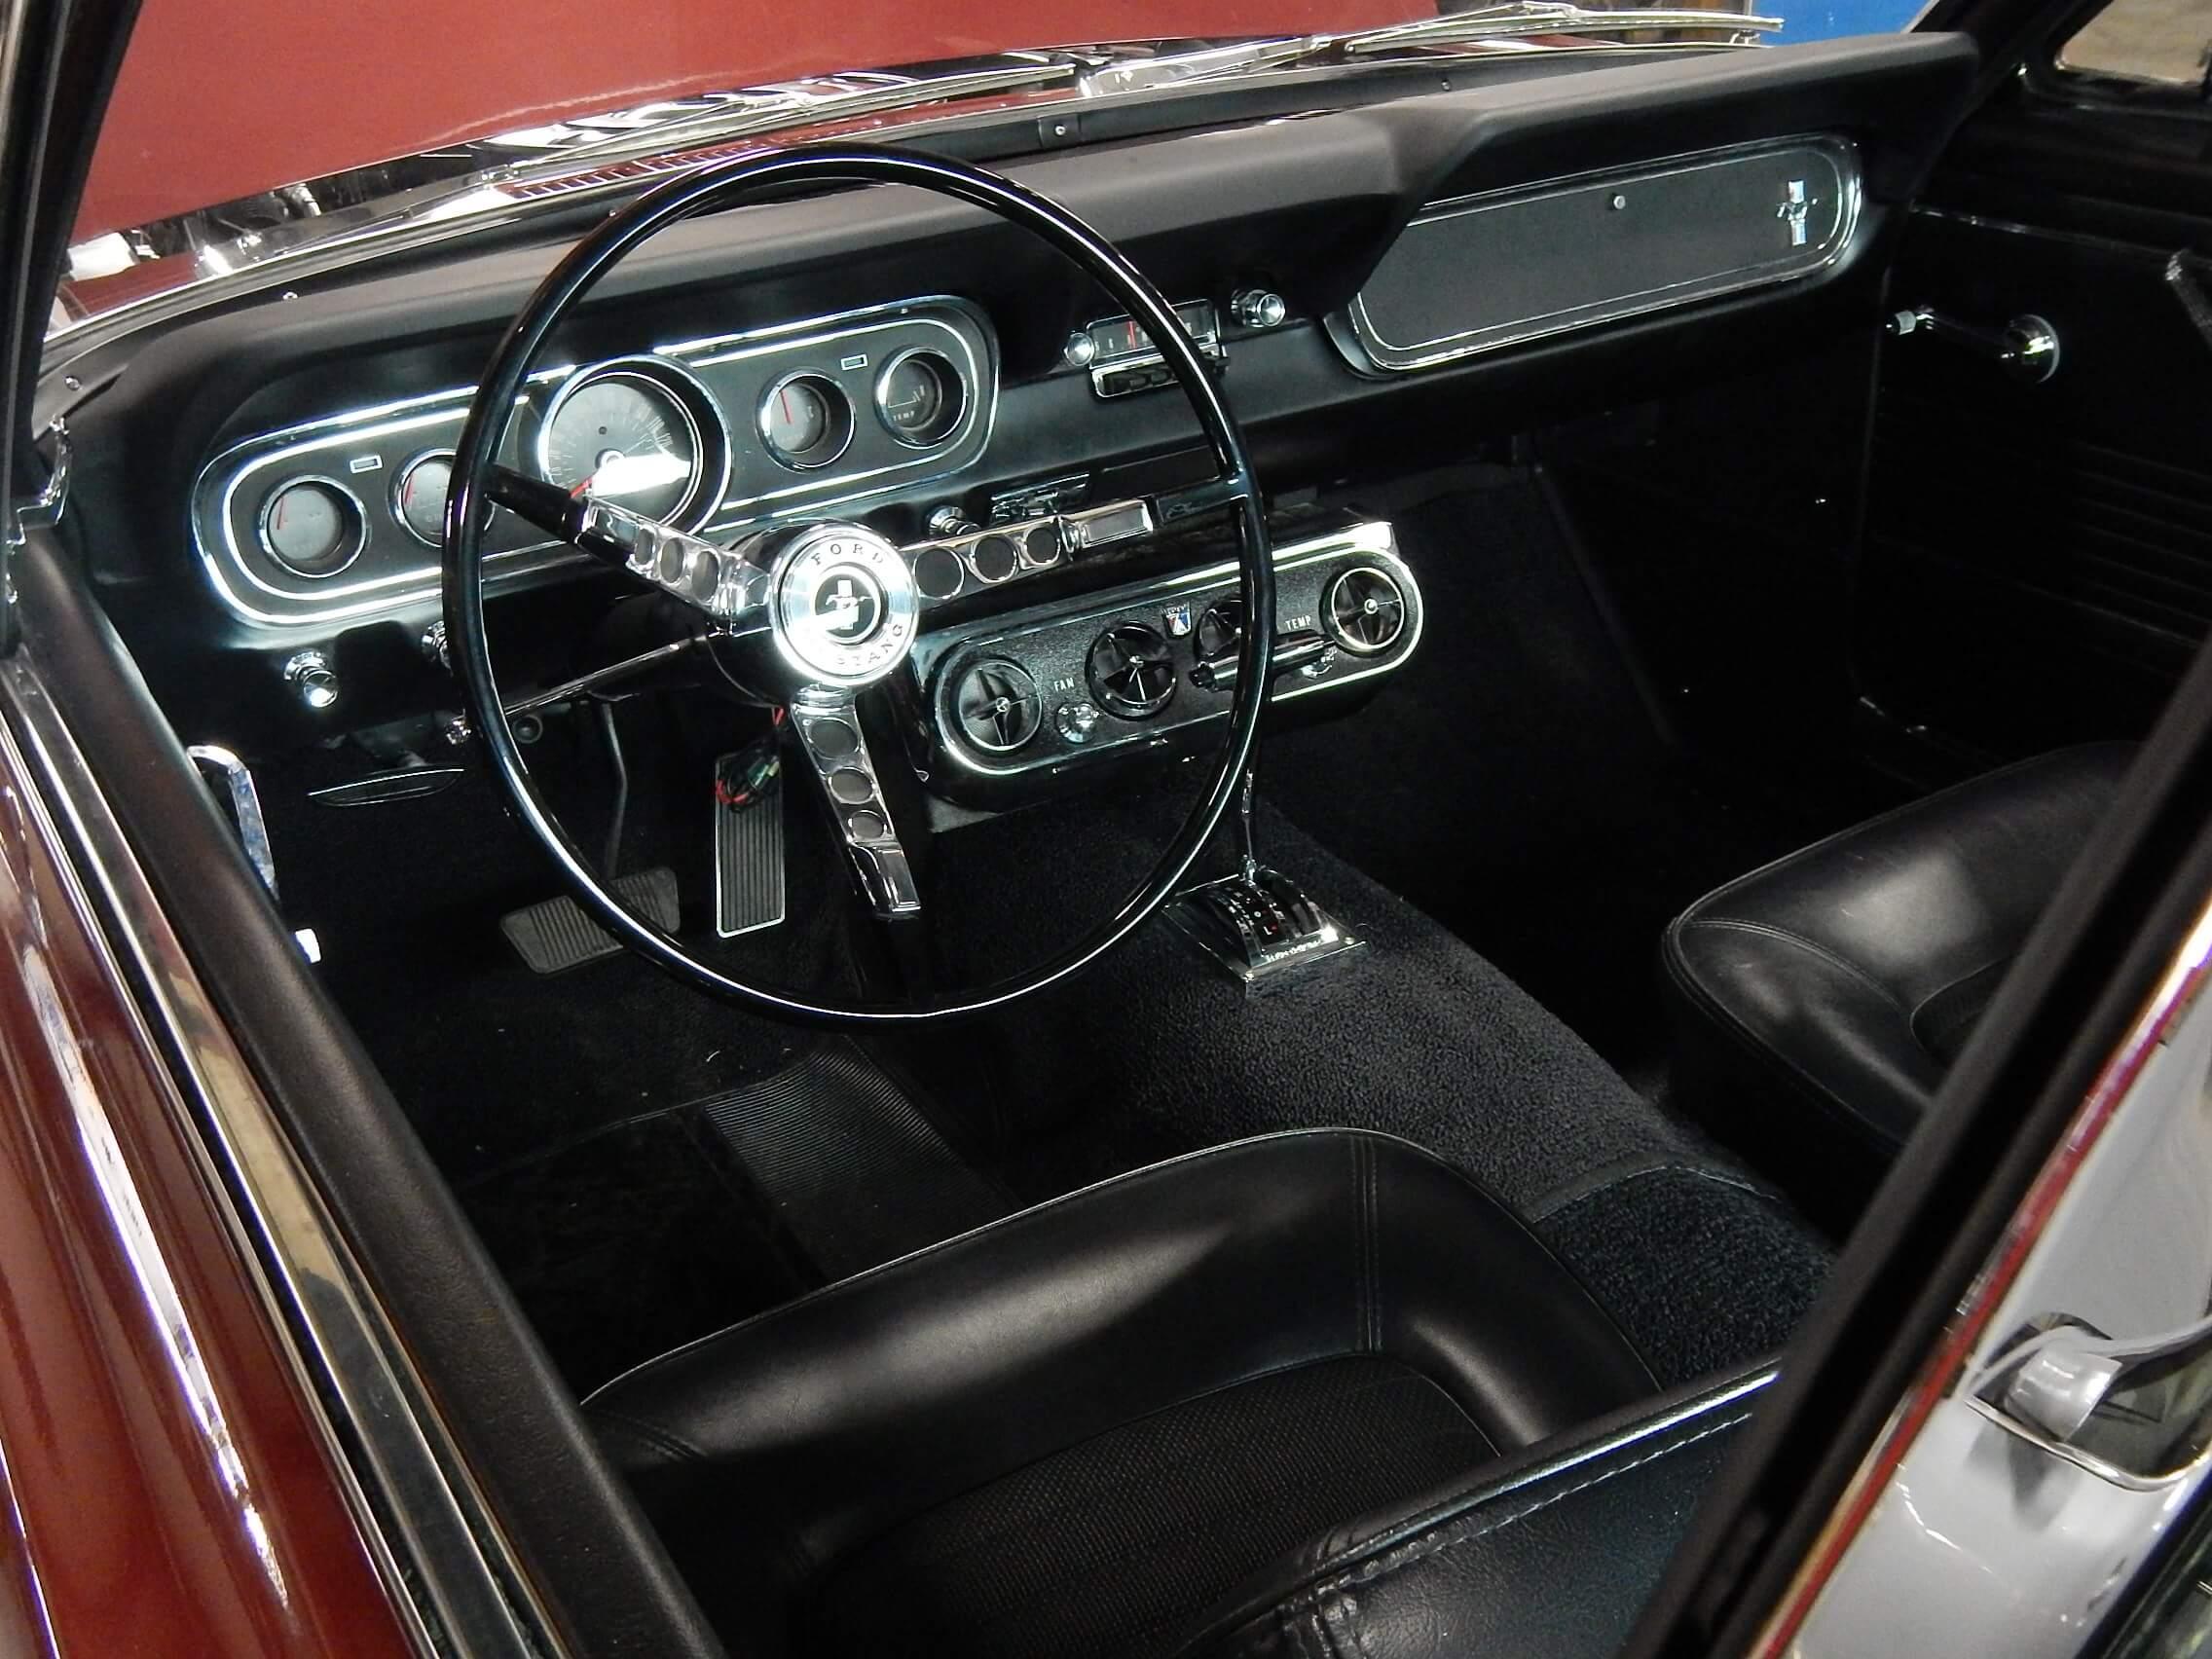 1966 Mustang interior.JPG